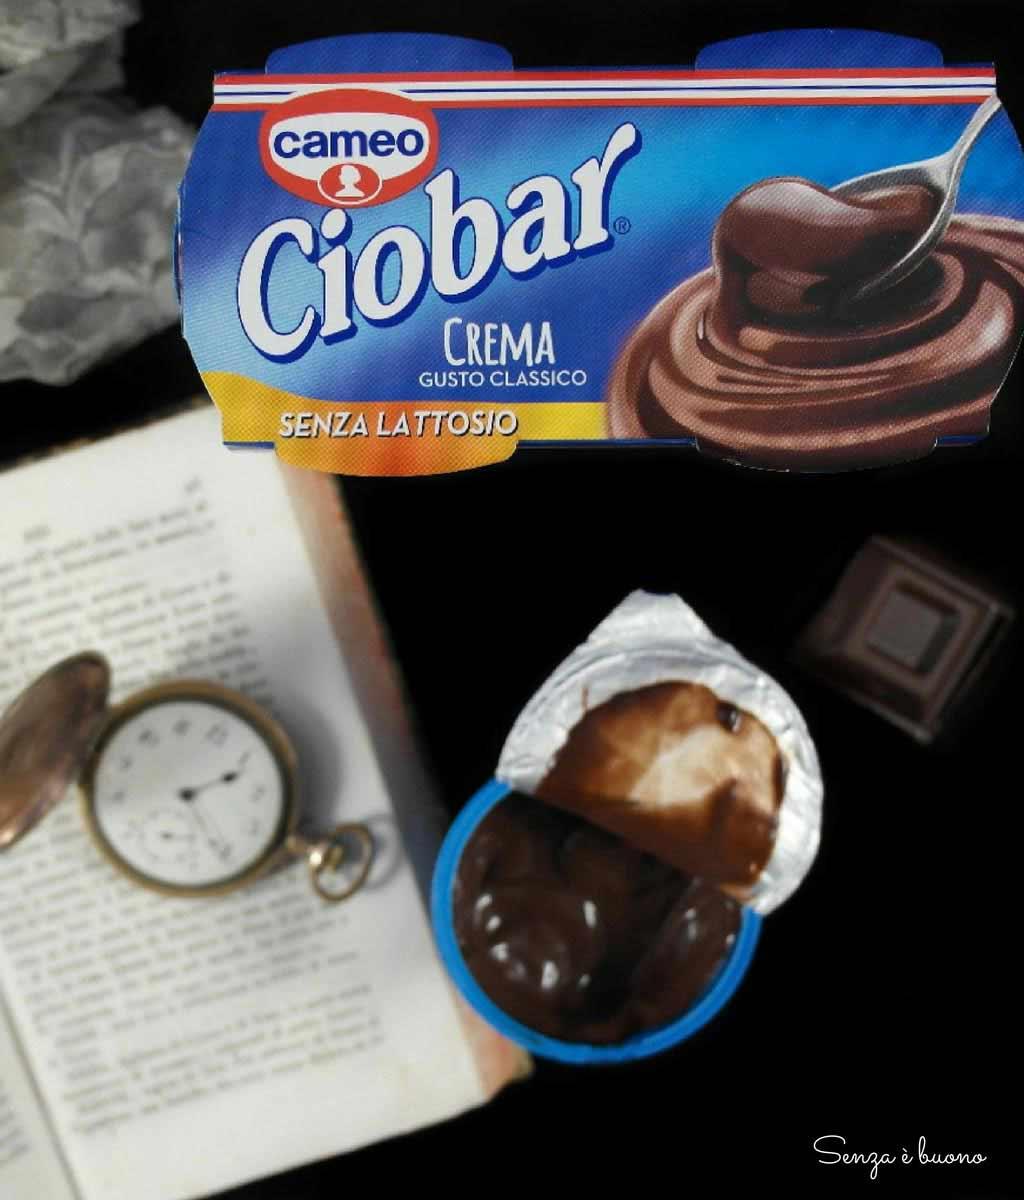 Dessert al cioccolato cameo Ciobar crema gusto classico senza lattosio